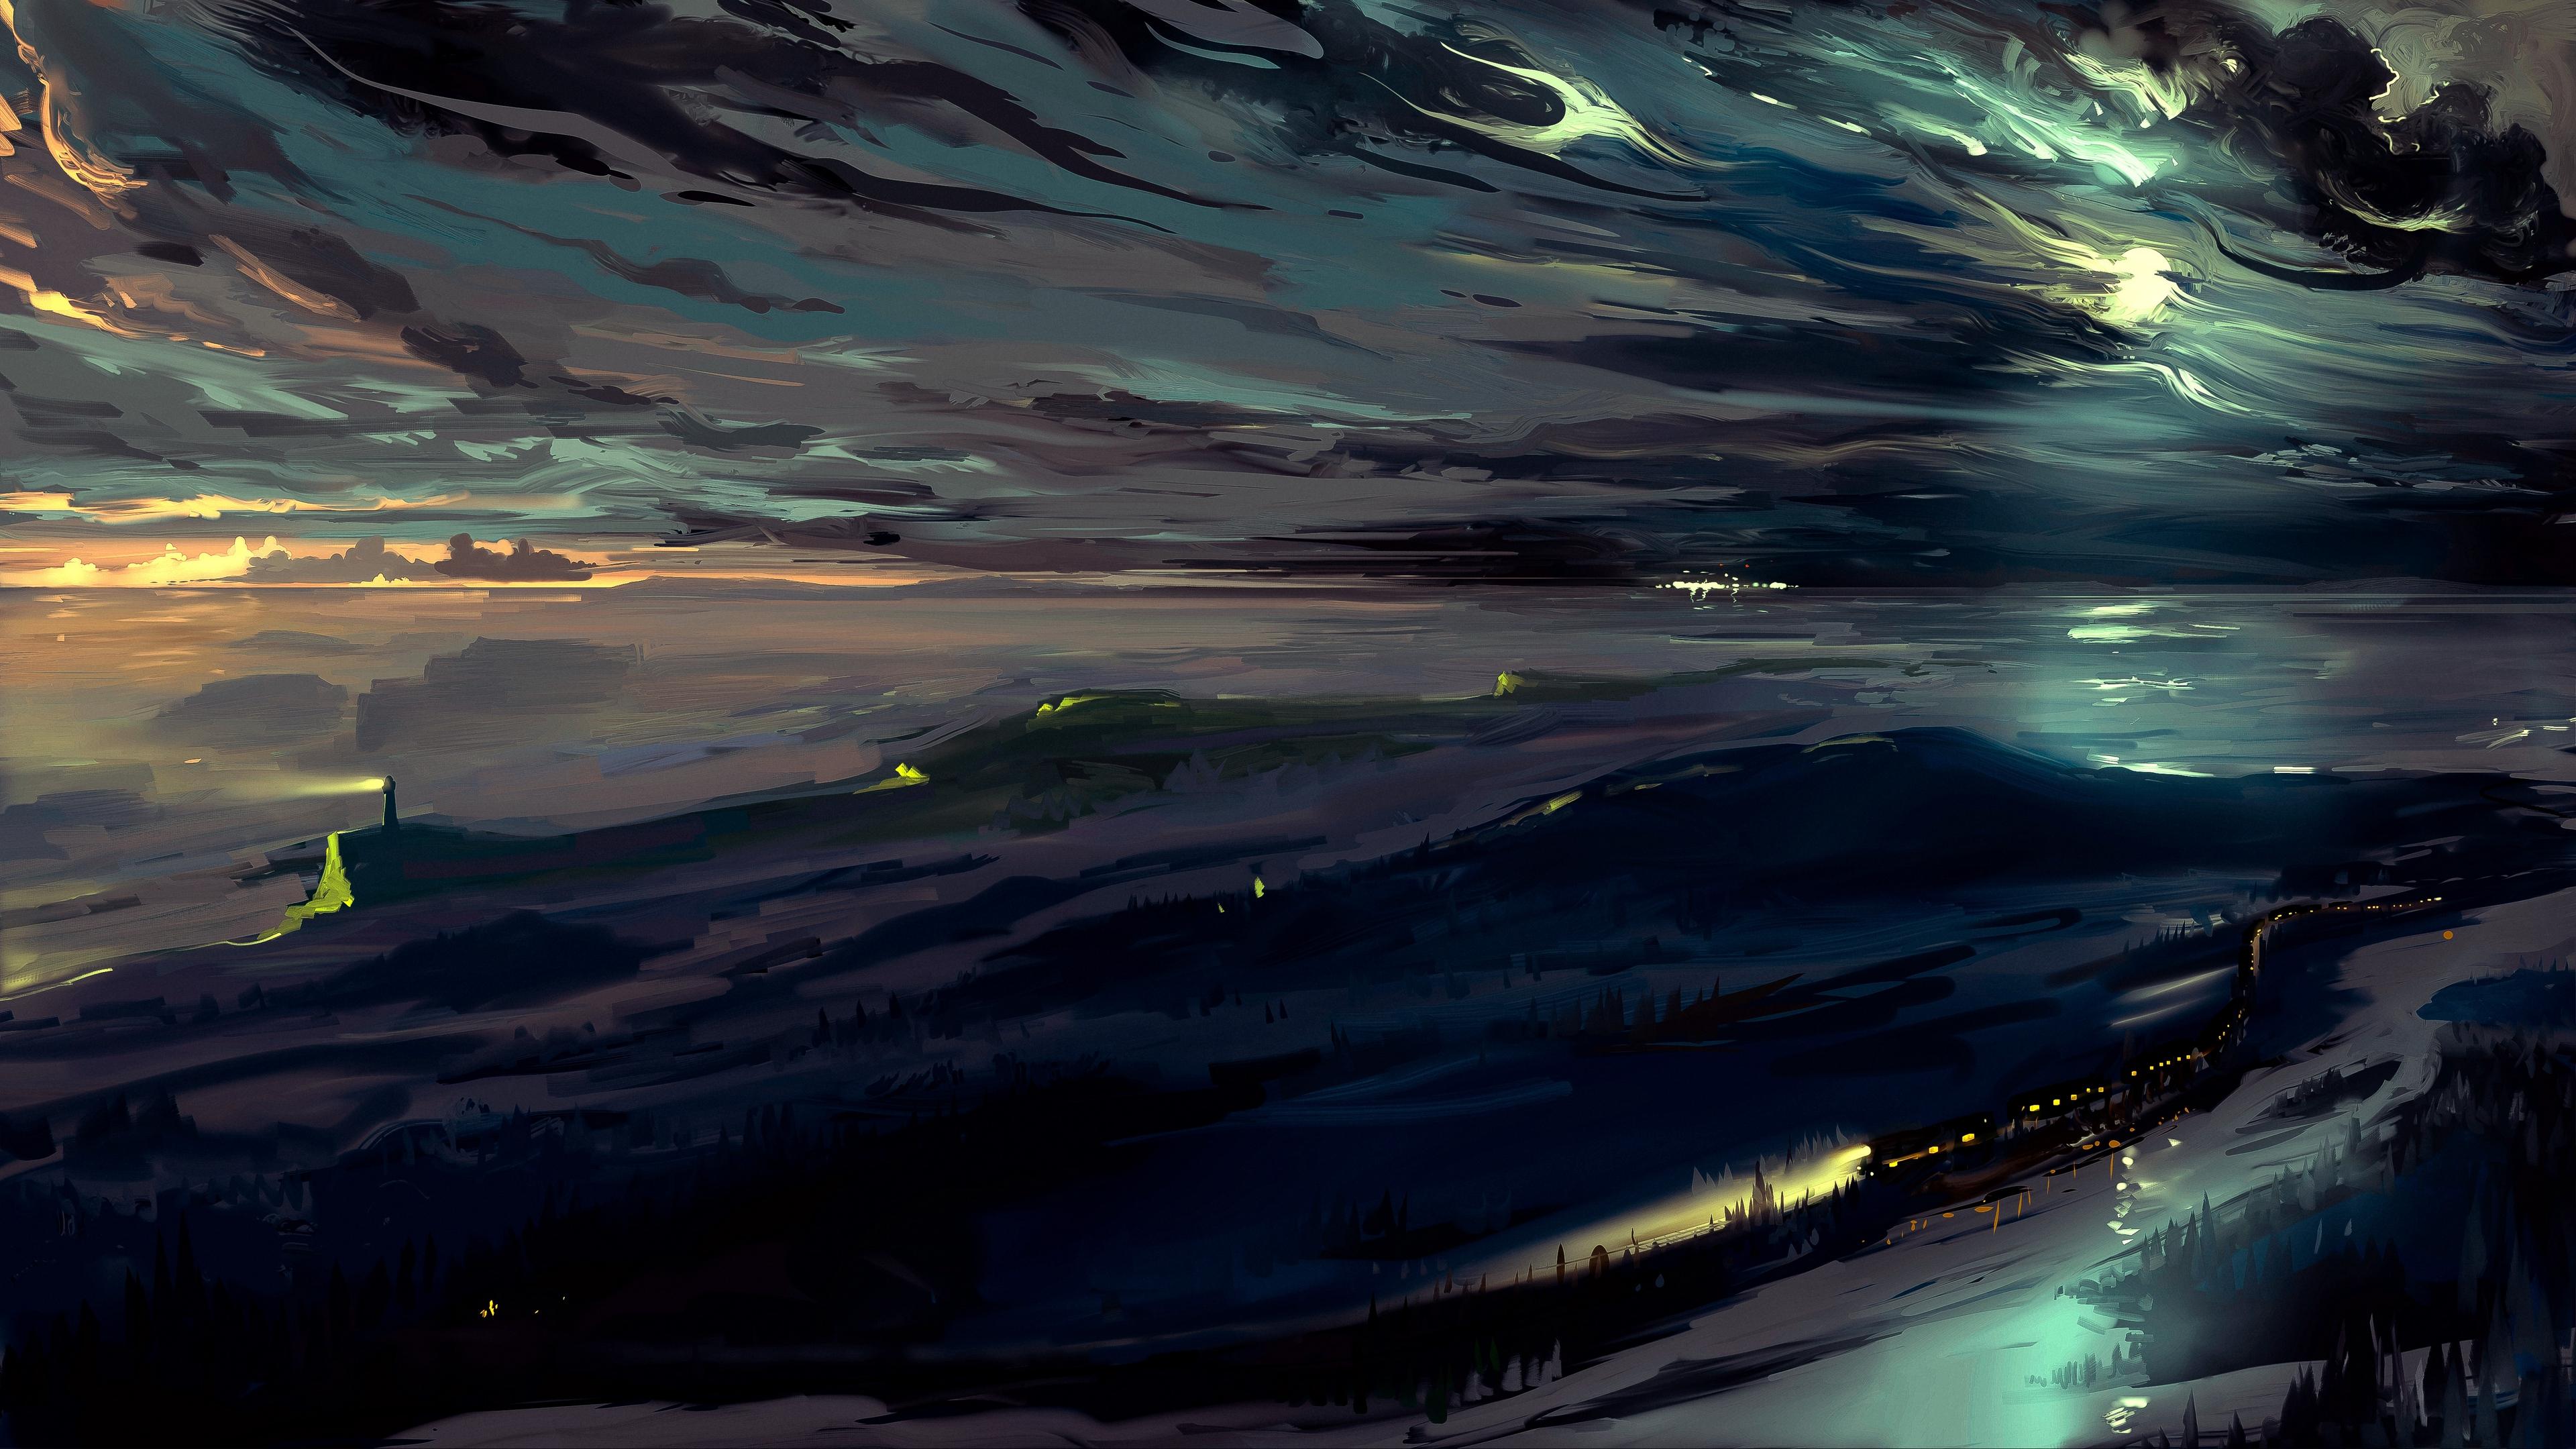 sky art dark night 4k 1541971602 - sky, art, dark, night 4k - Sky, Dark, art